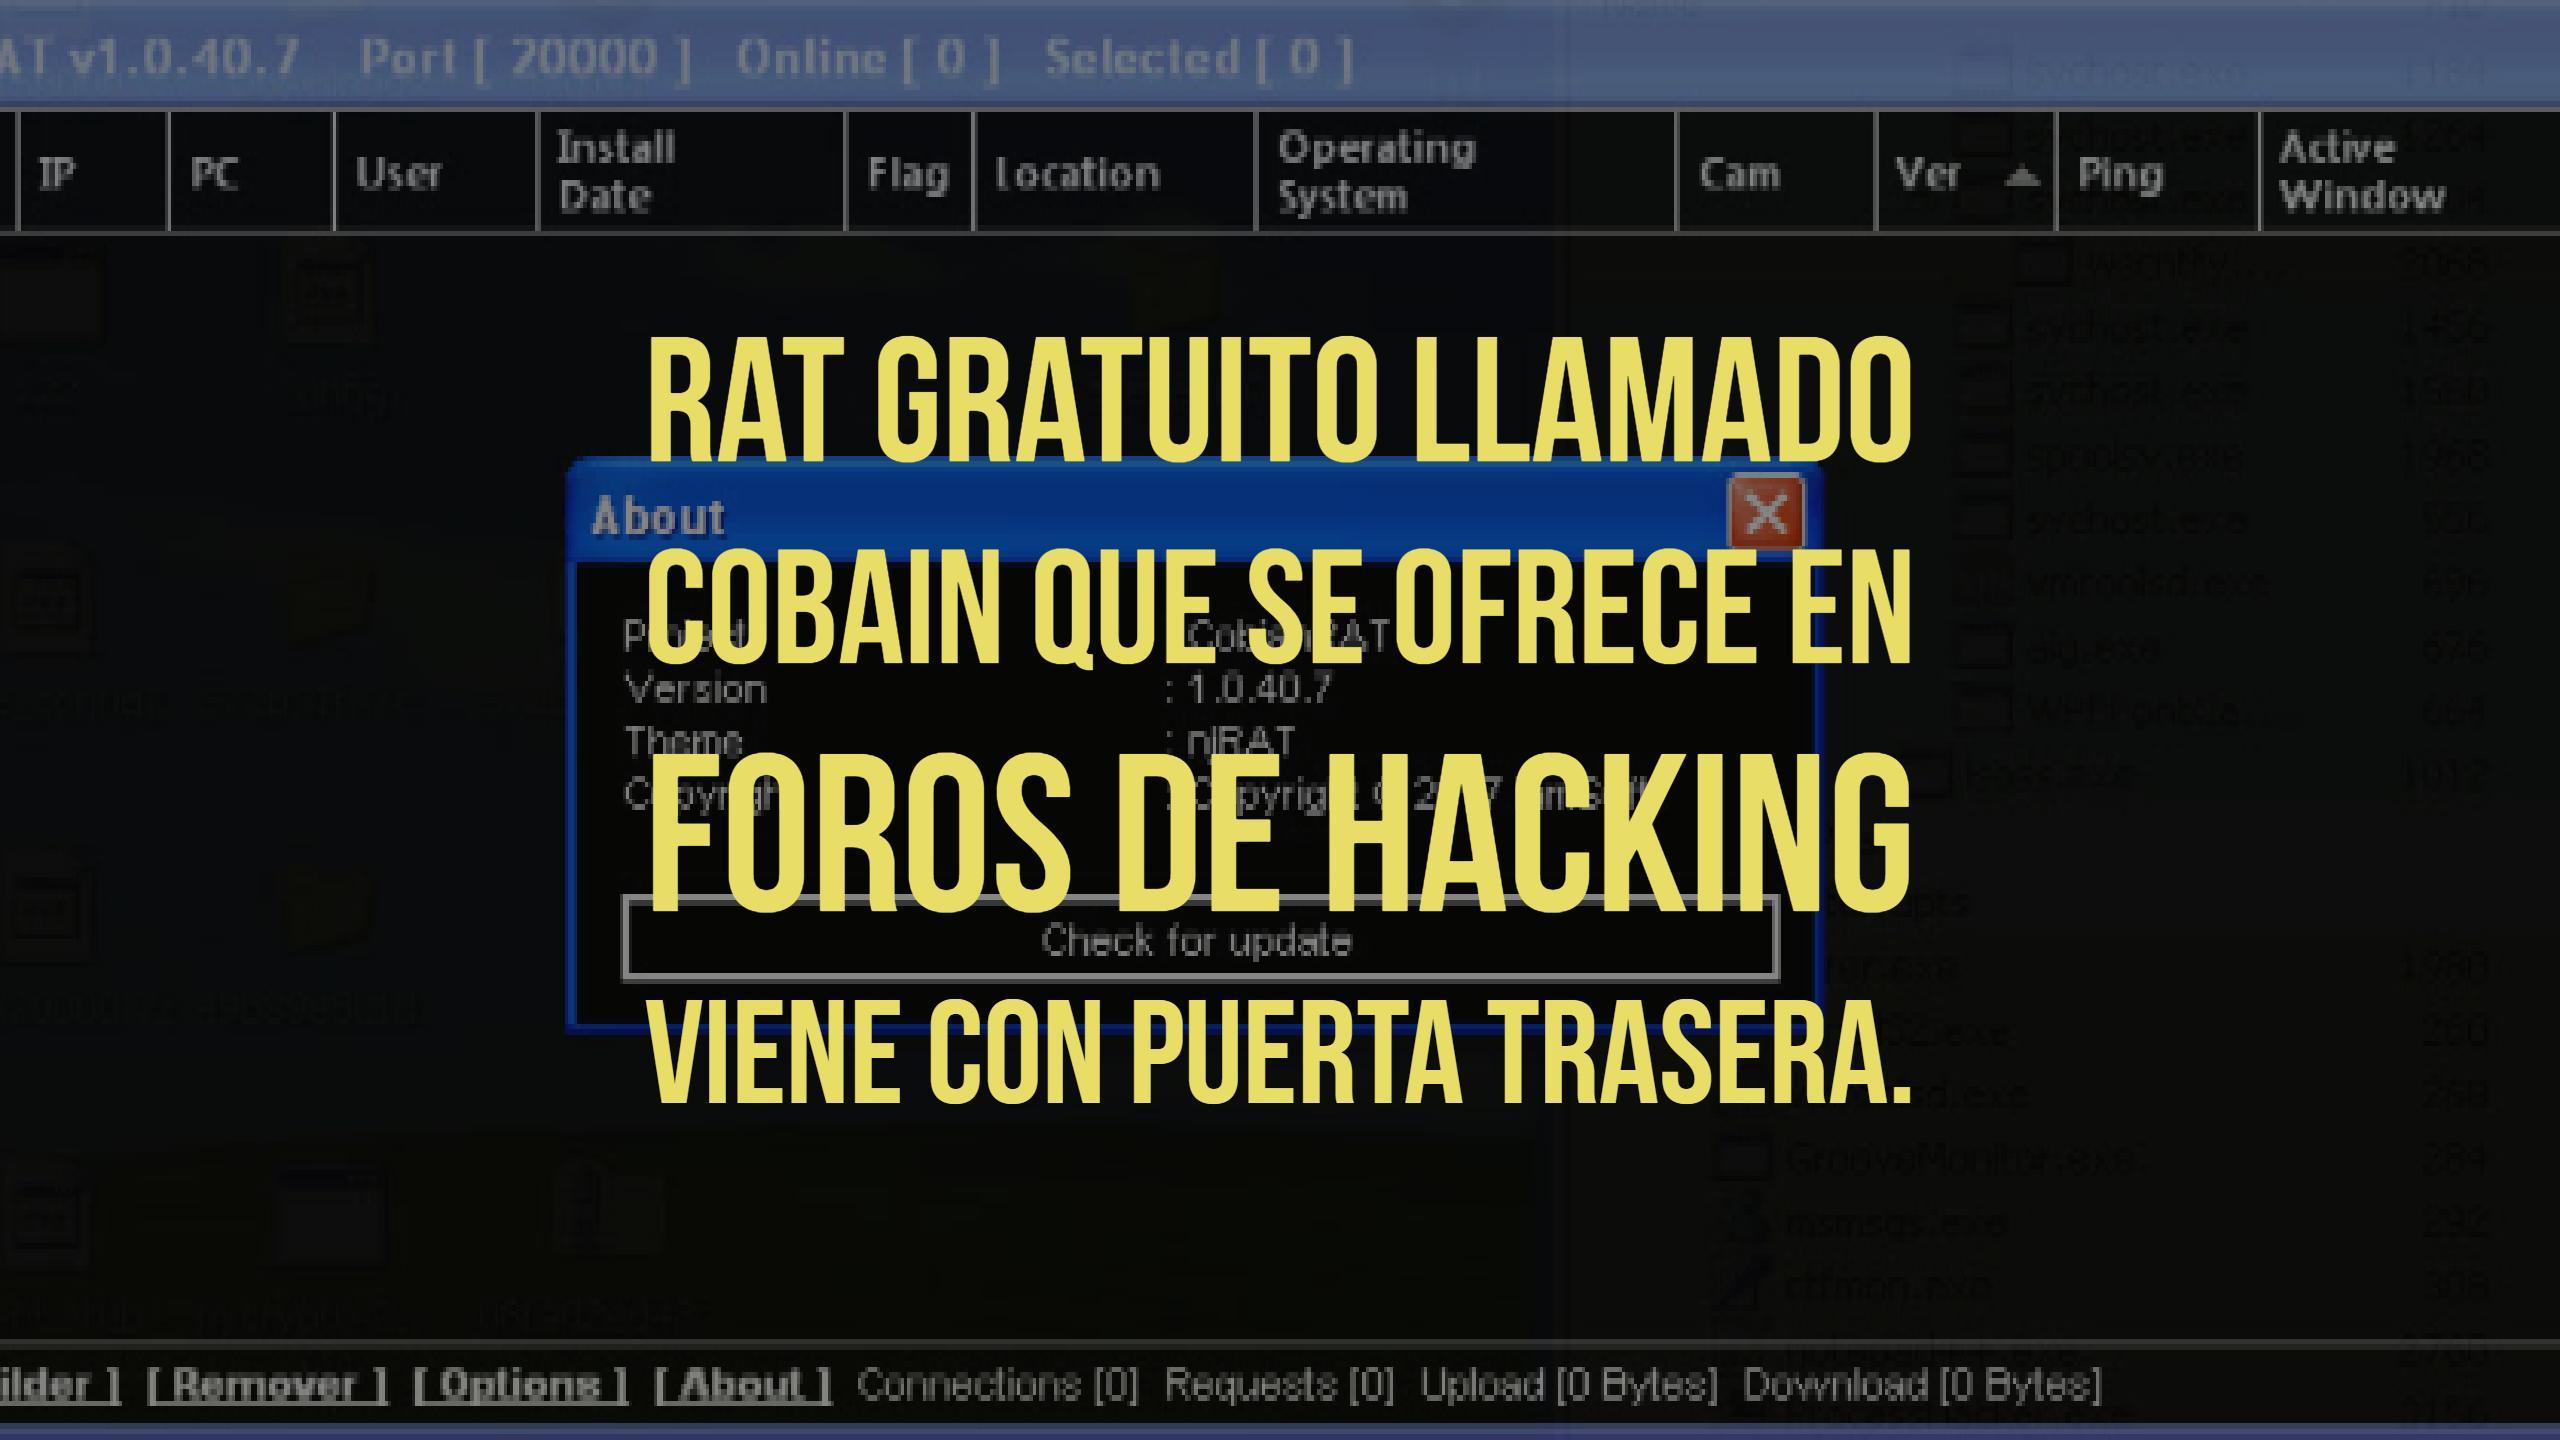 RAT gratuito llamado cobain que se ofrece en foros de hacking viene con puerta trasera.